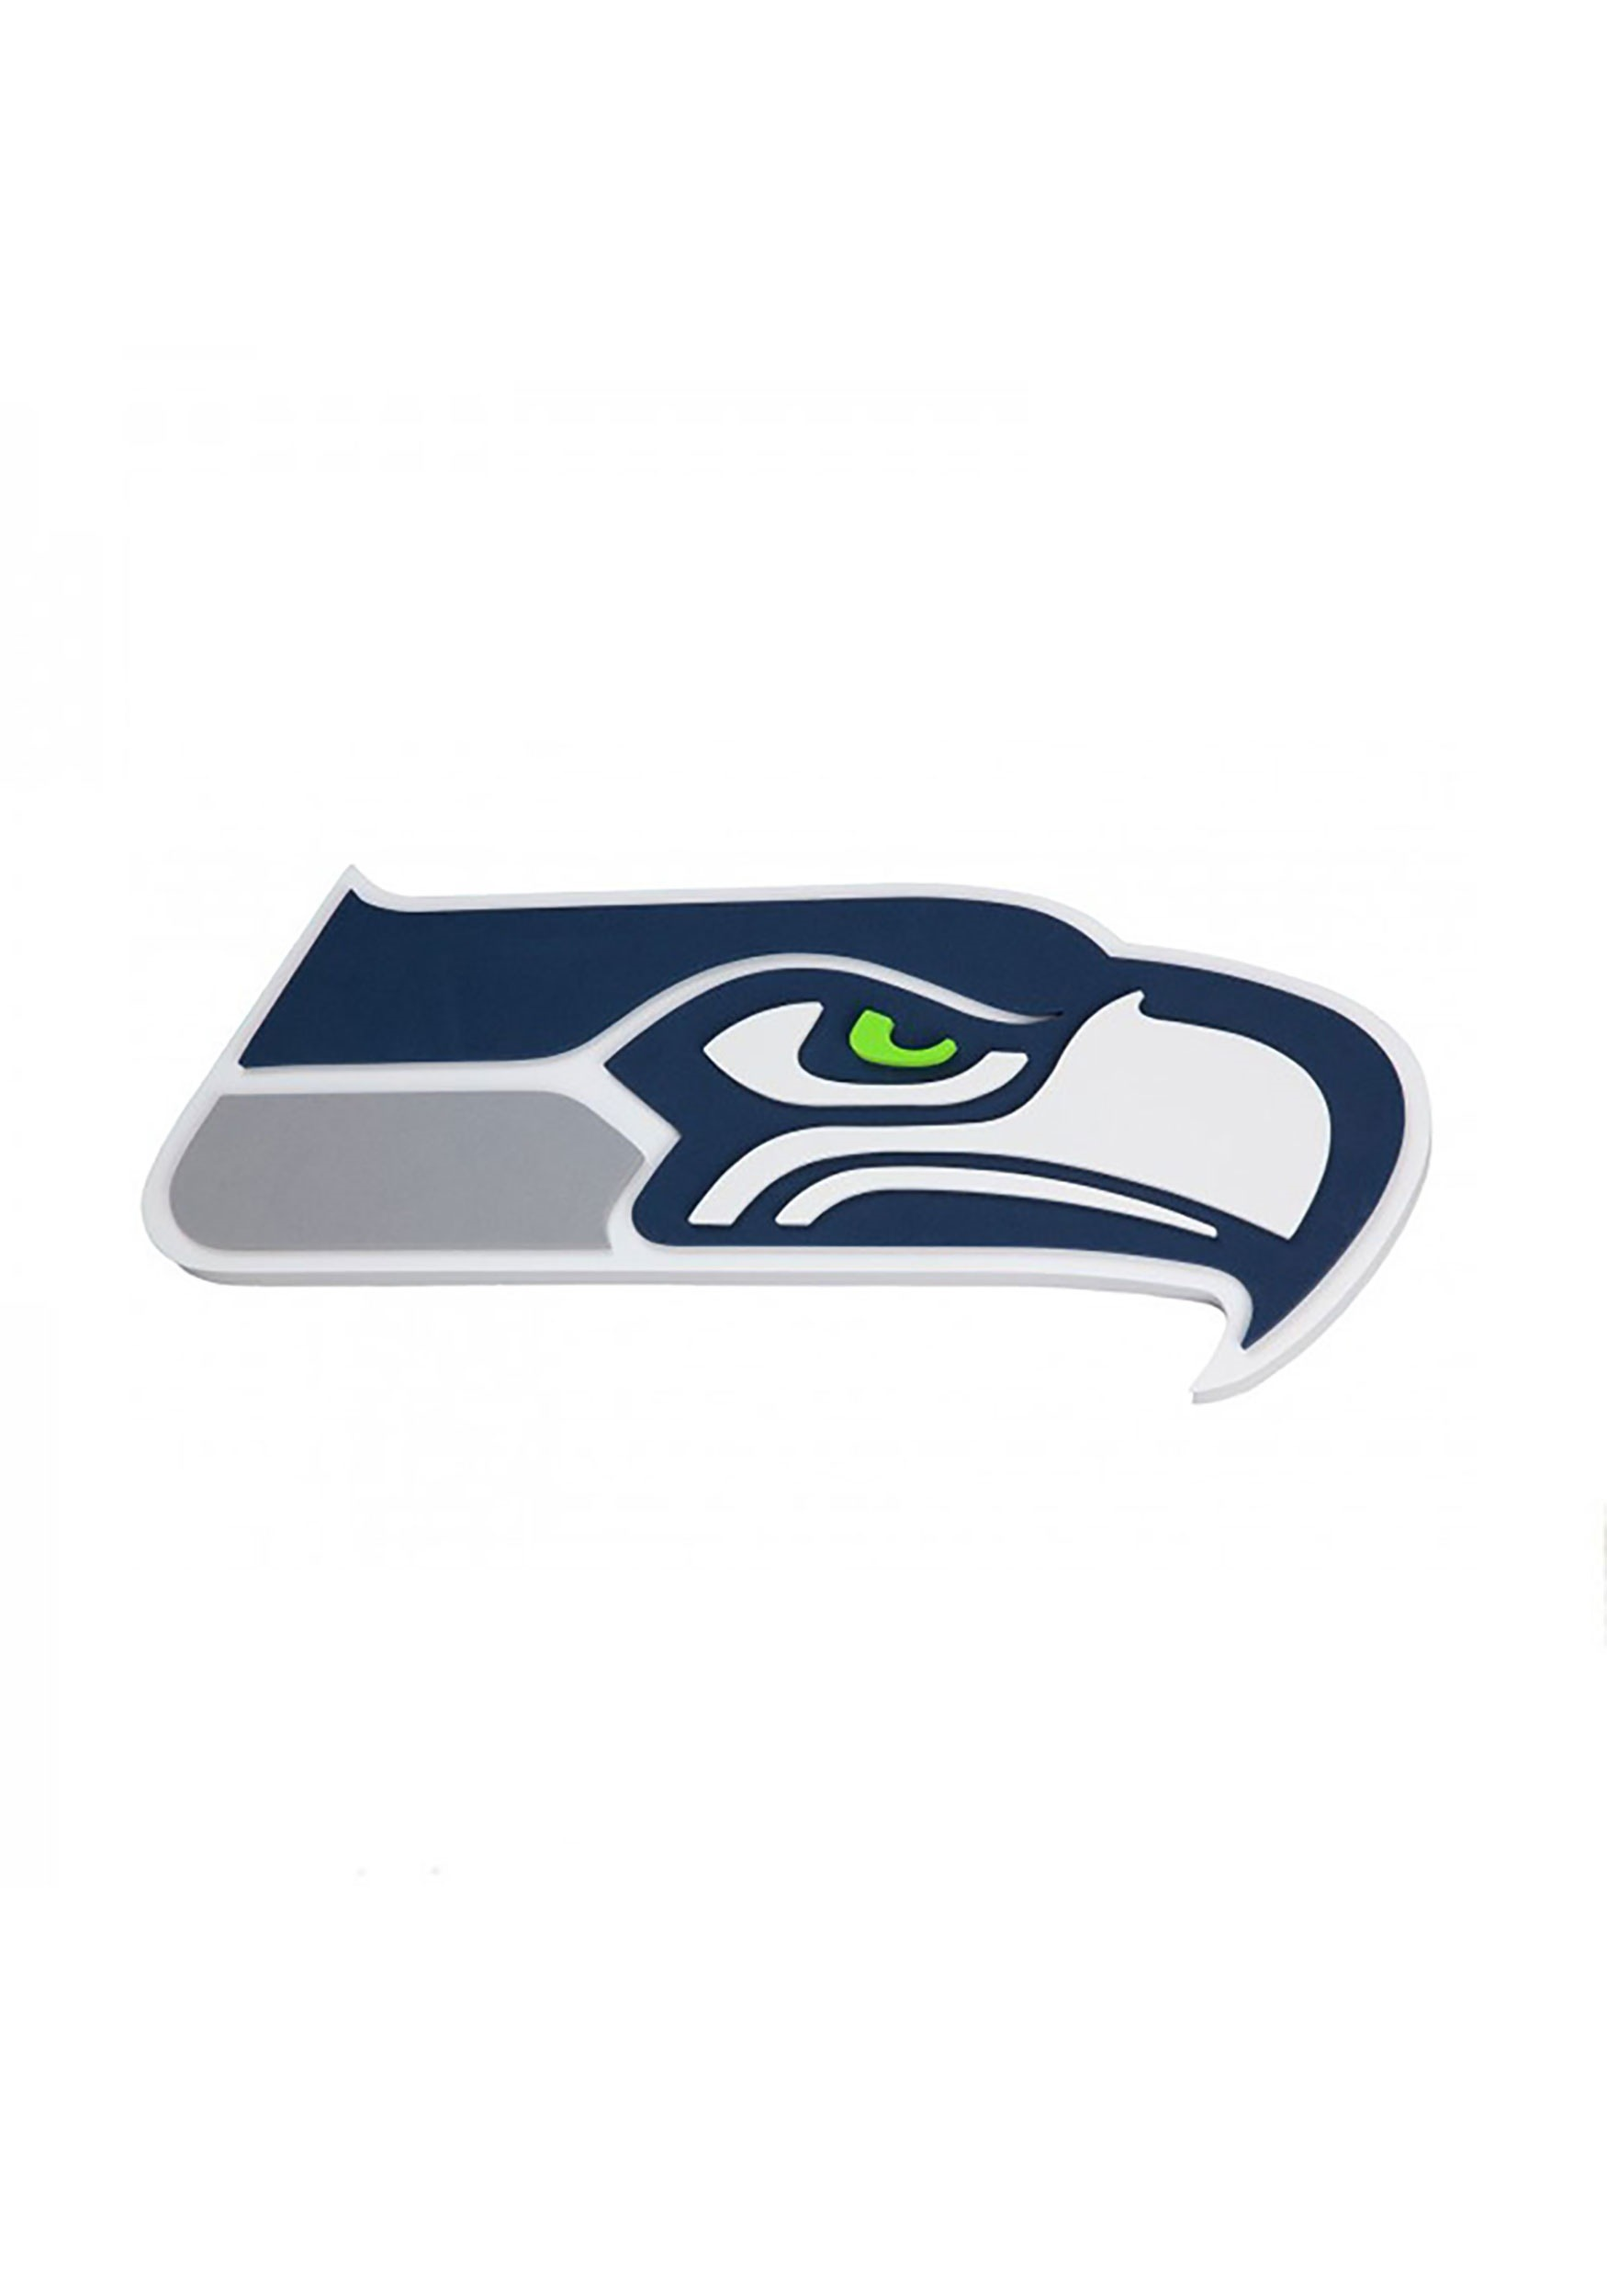 NFL Seattle Seahawks Logo Foam Sign.